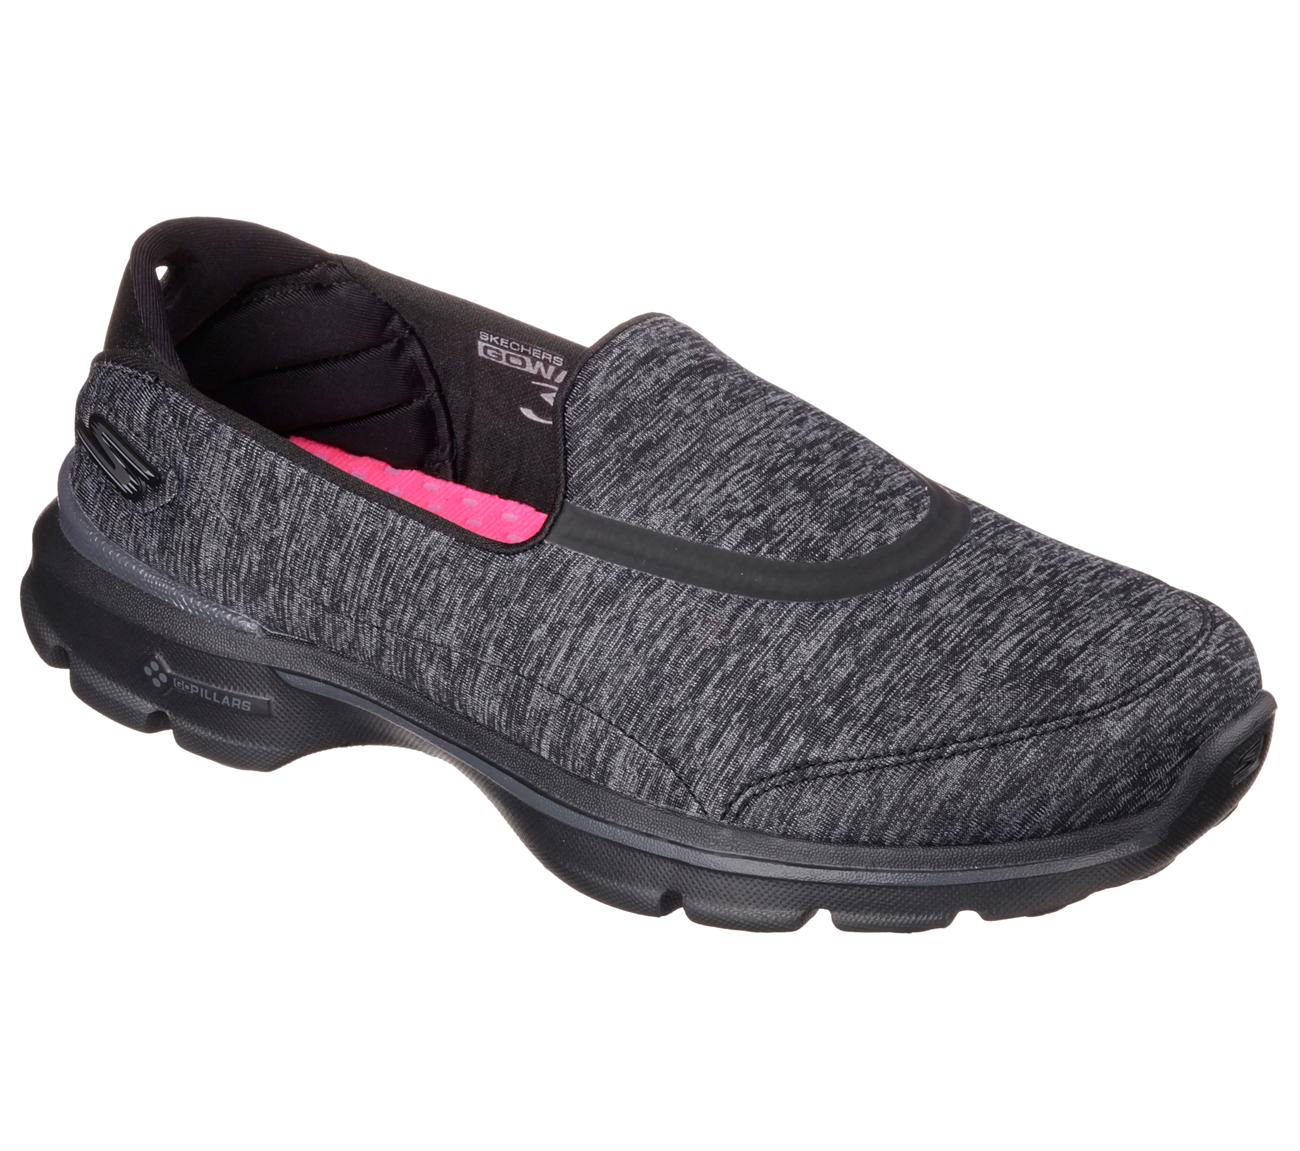 Skechers купить в интернет-магазине drez ru c доставкой